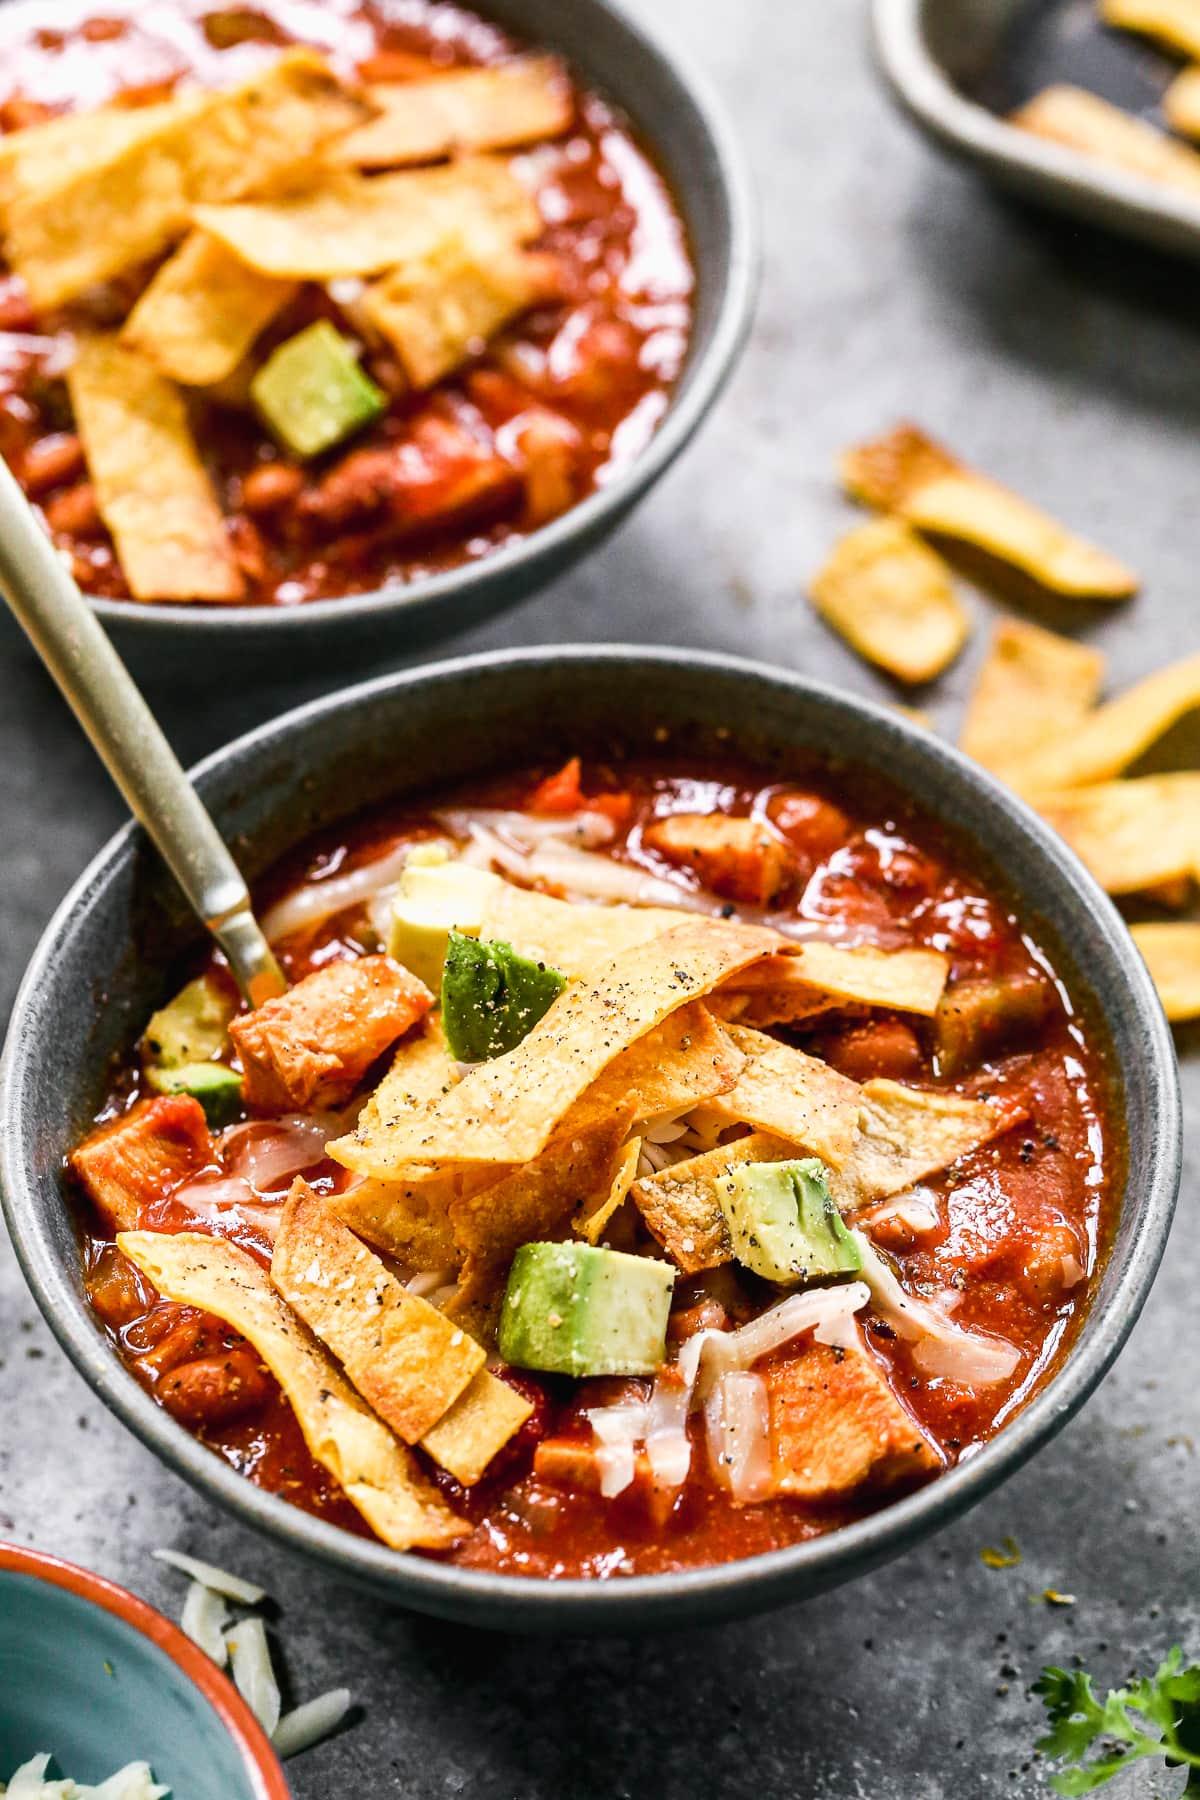 Healthy chicken tortilla soup with avocado